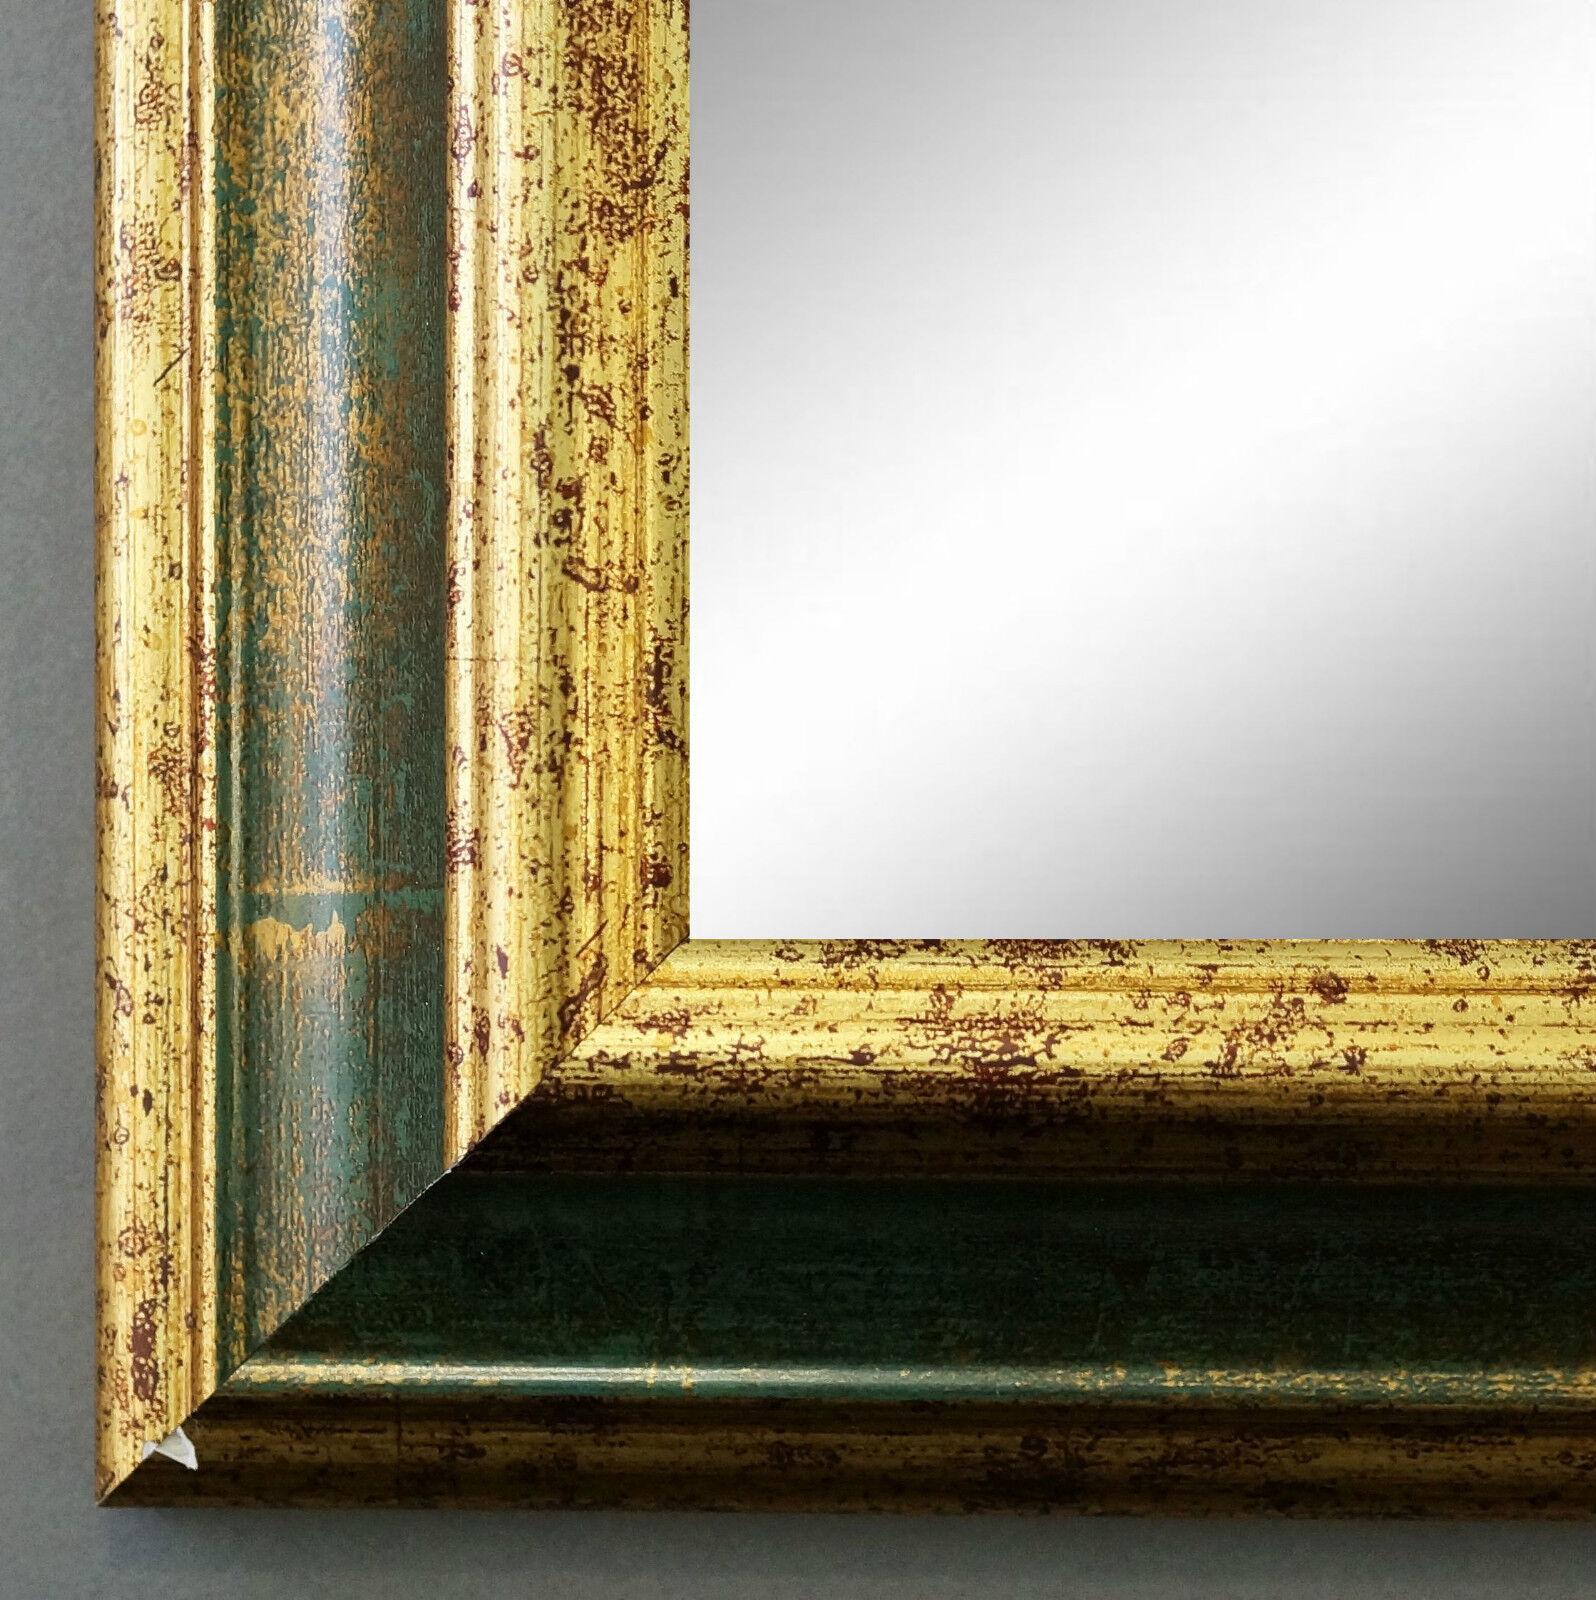 Wandspiegel Hochformat Querformat Bari Antik Grün Gold 4,2 - NEU alle Größen